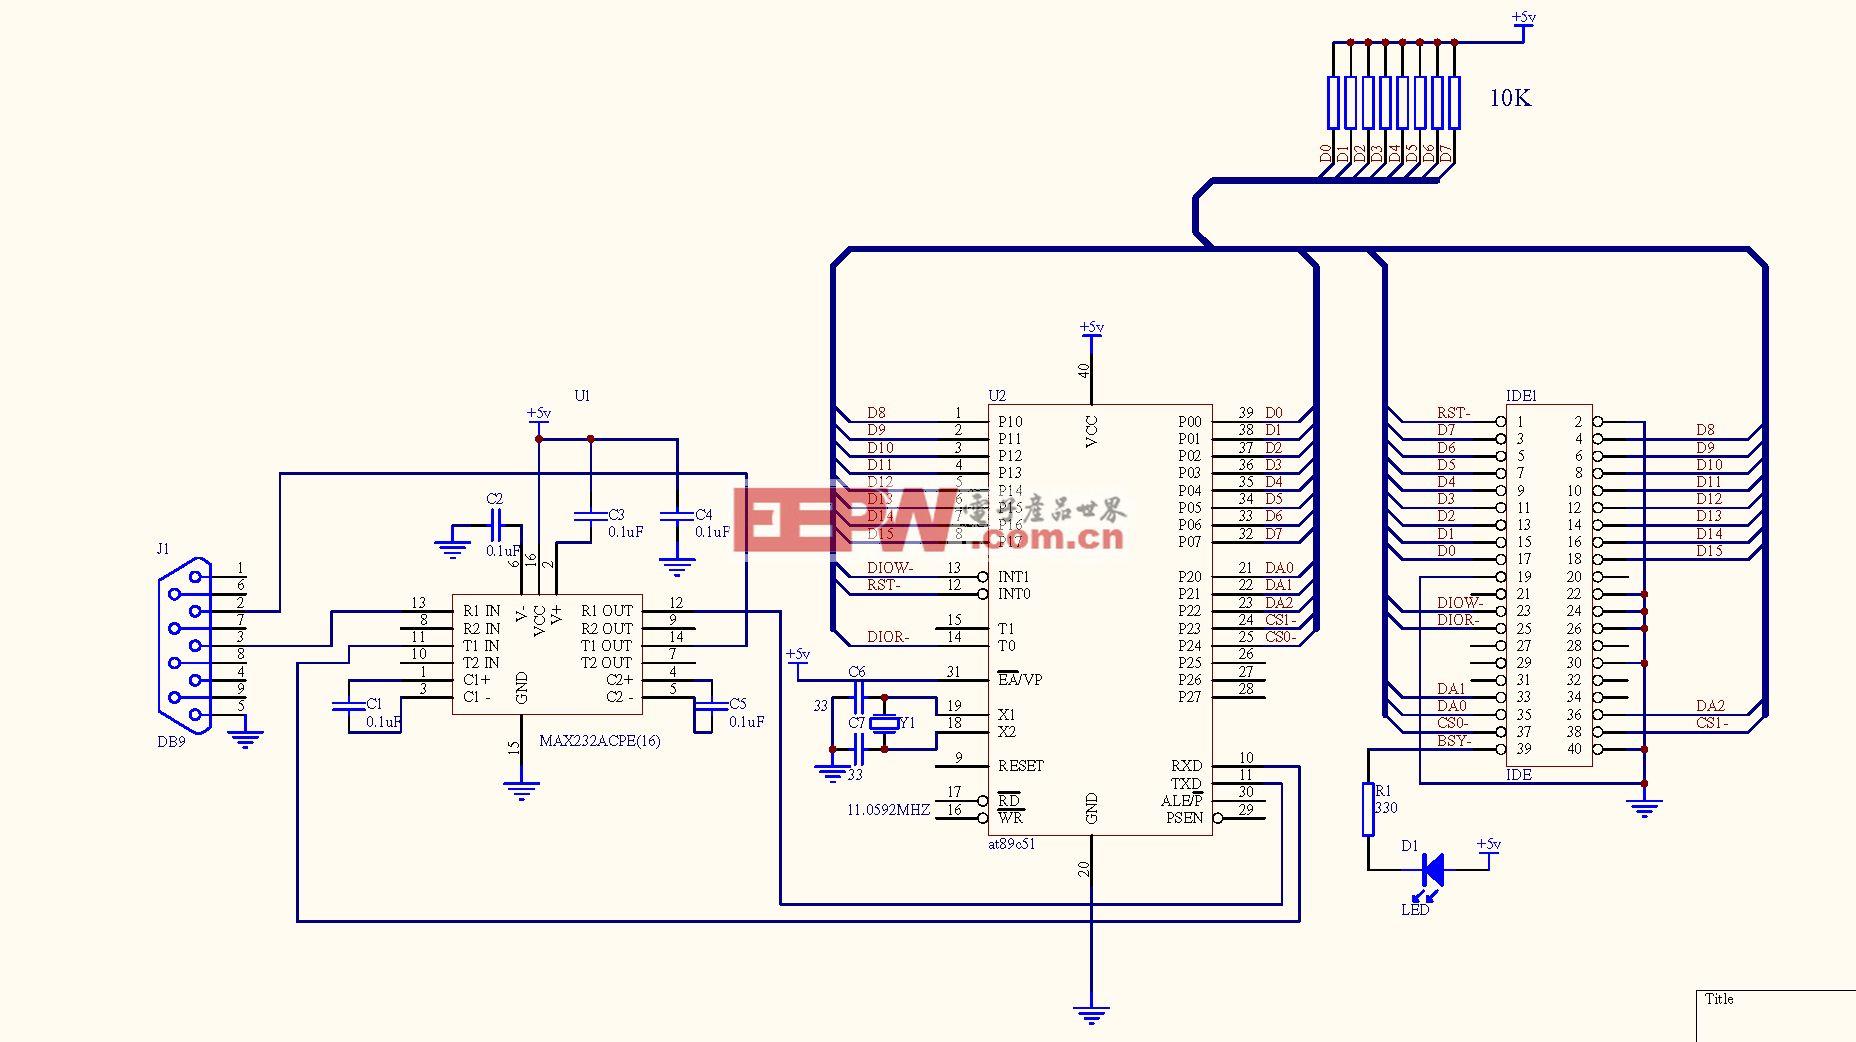 硬盘控制电路以及原程序